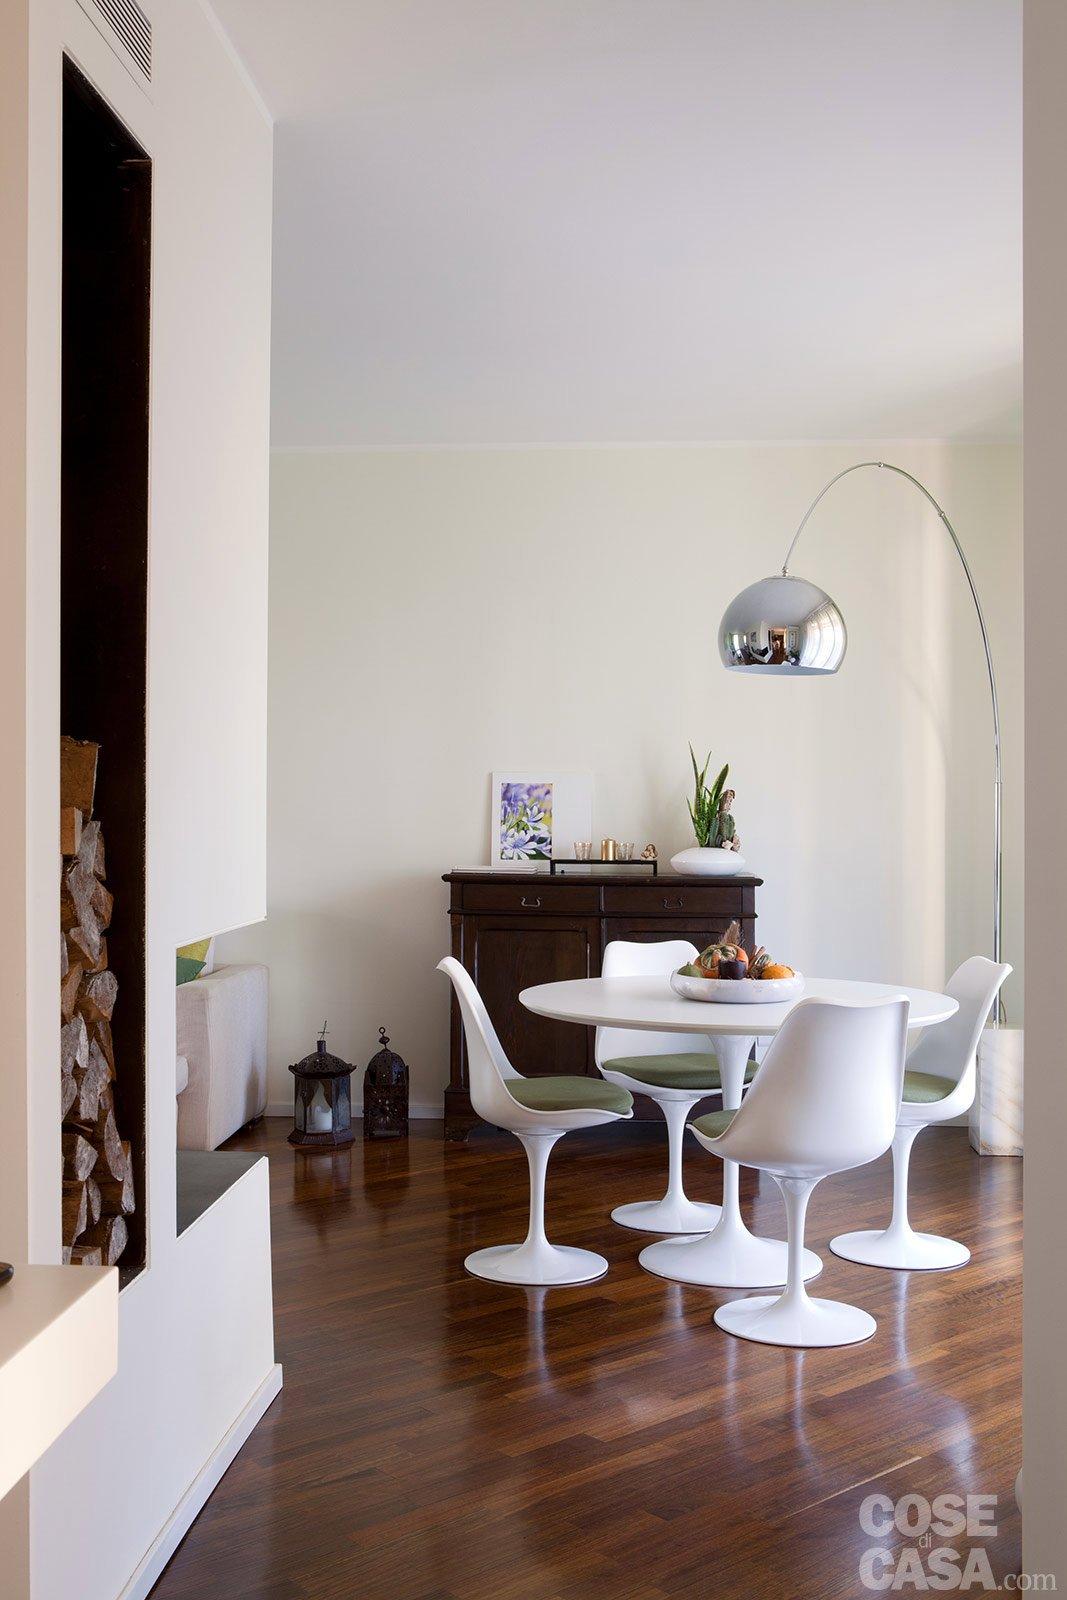 Casa pi vivibile dopo la ristrutturazione cose di casa for Tavolo e sedie per soggiorno